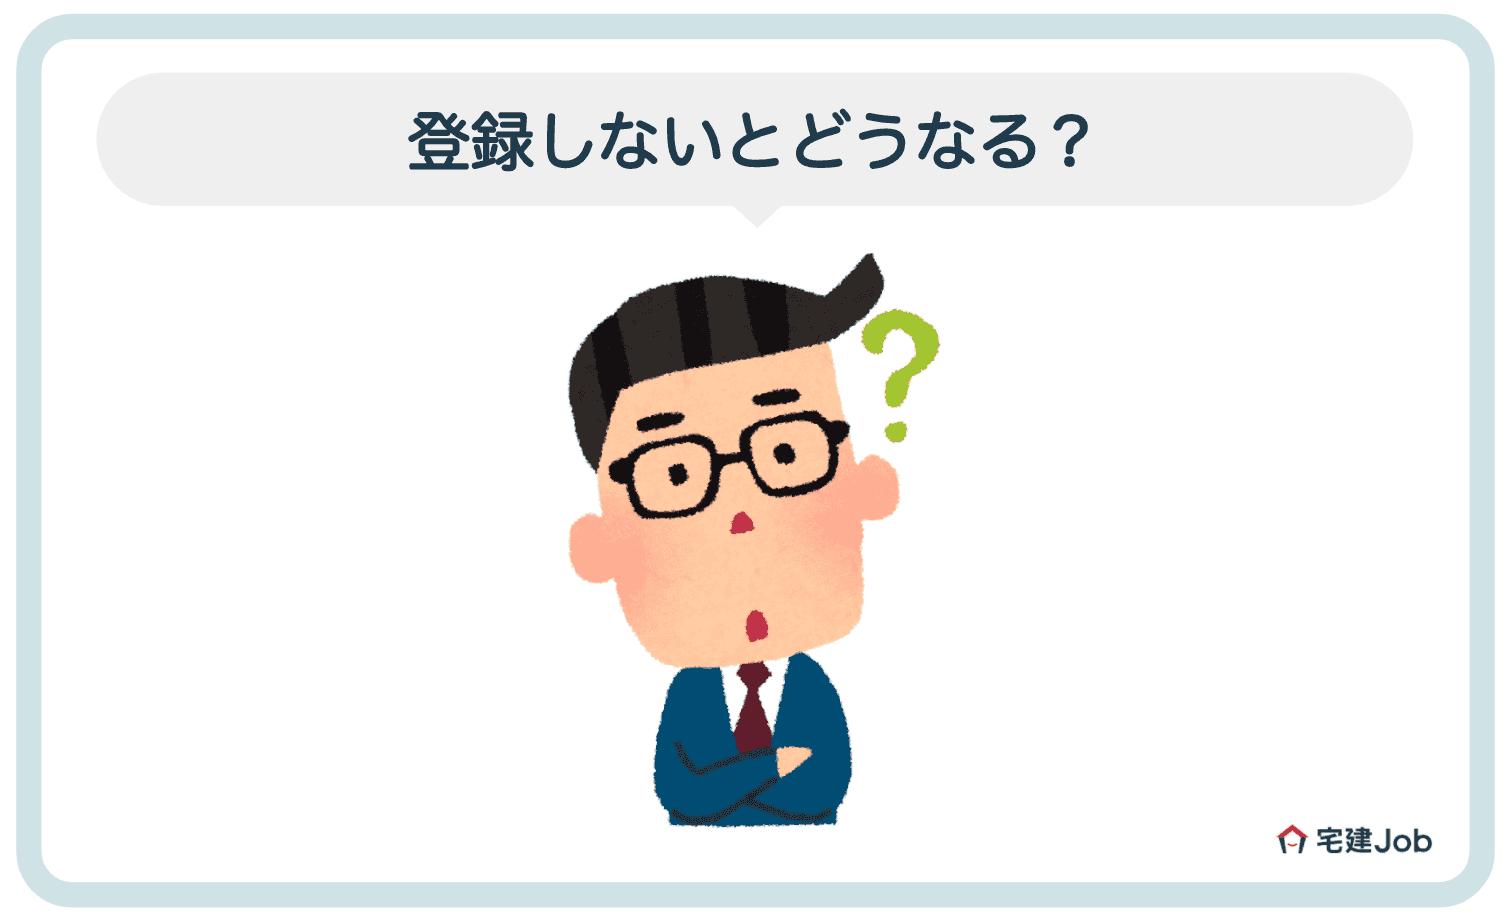 1.賃貸不動産経営管理士の登録【しないとどうなる?】